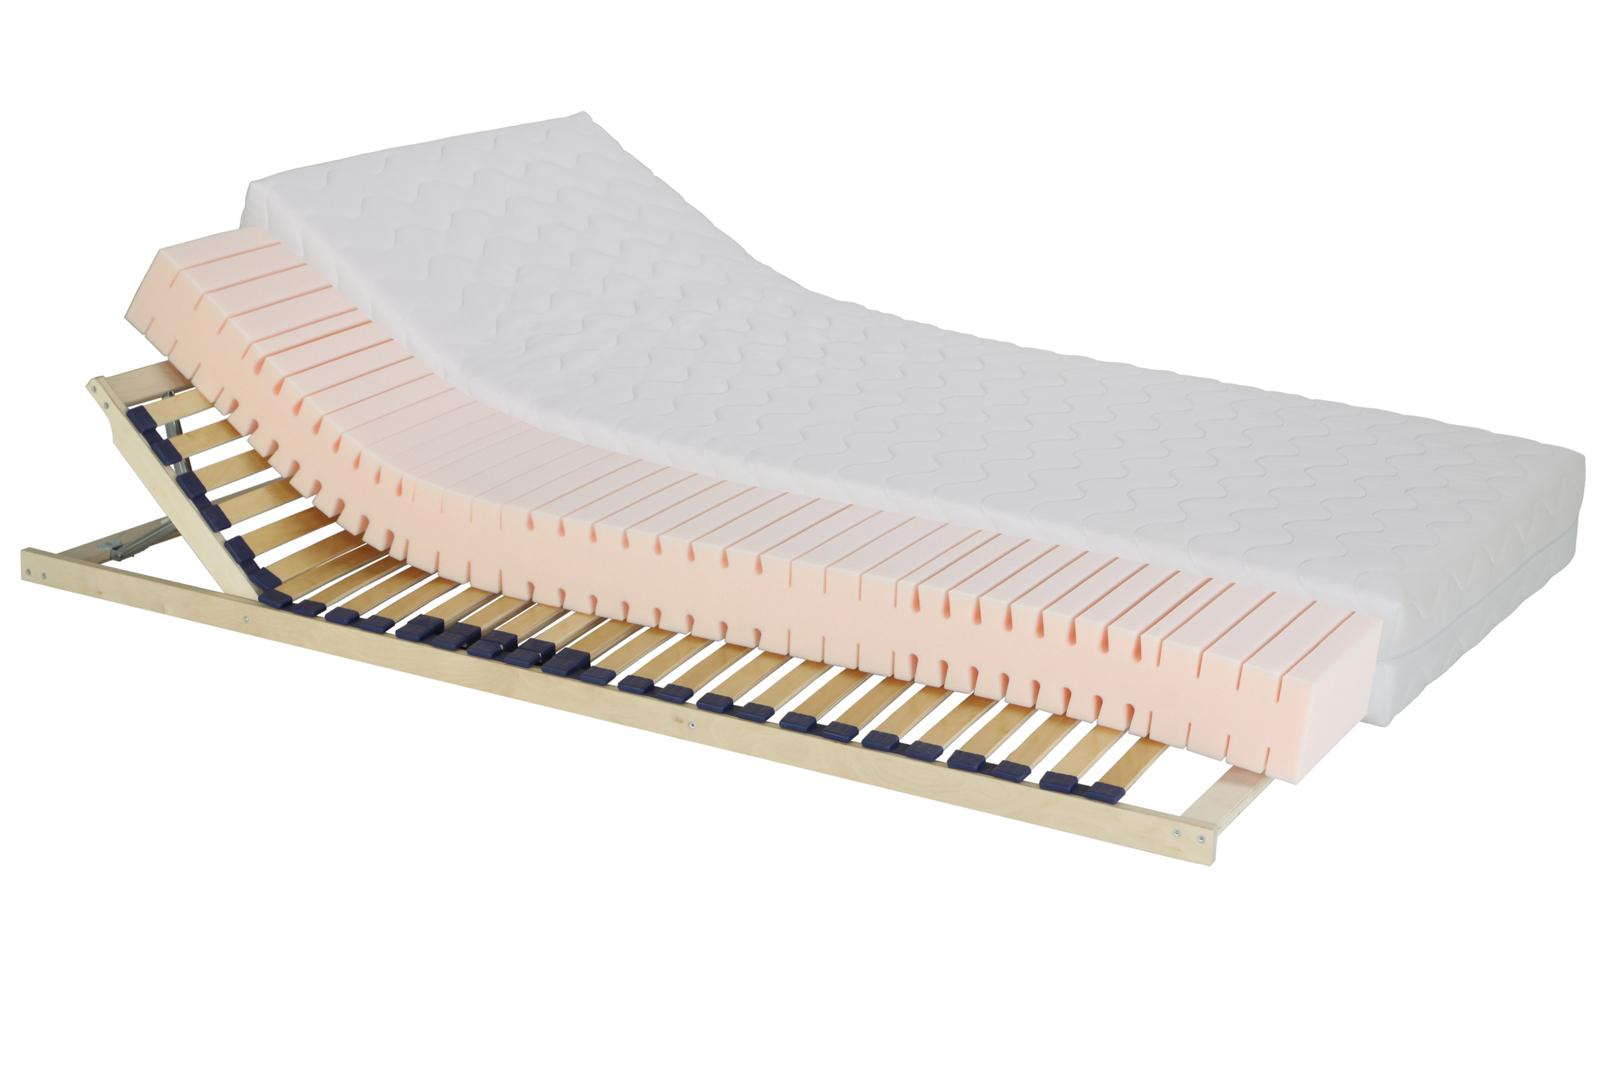 Penový matrac - Tempo Kondela - Tempo 10, 200x140 cm. Sme autorizovaný predajca Tempo-Kondela. Vlastná spoľahlivá doprava až k Vám domov.